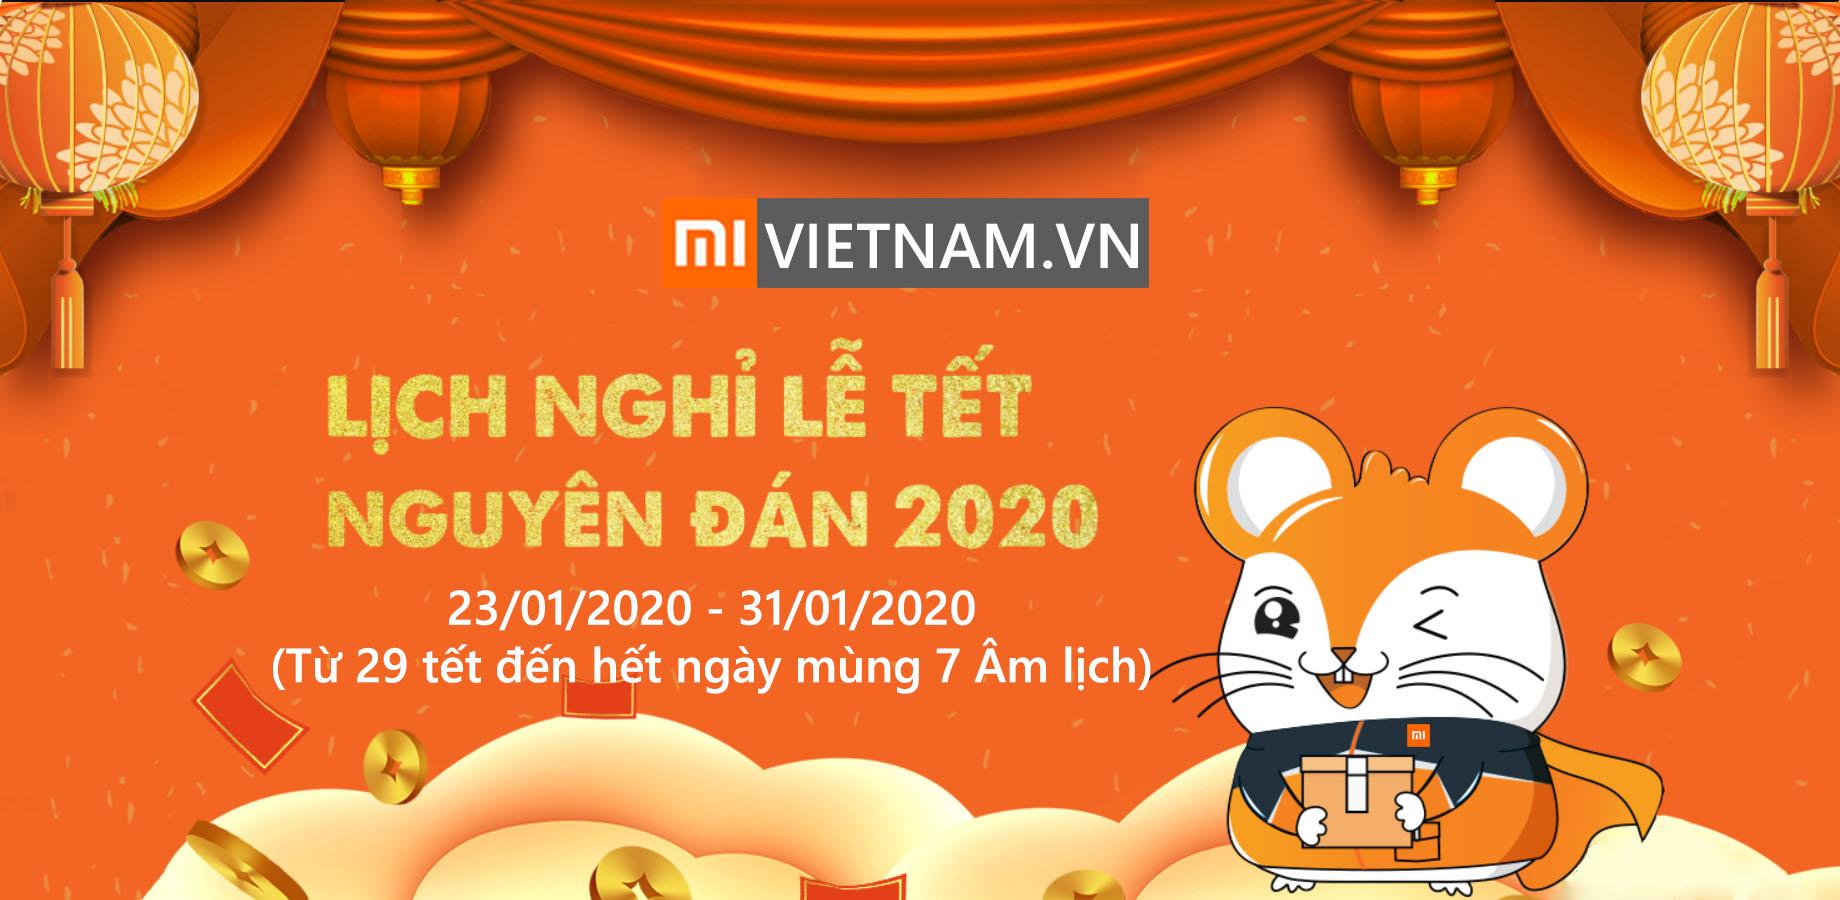 MIVIETNAM-THONG-BAO-NGHI-TET